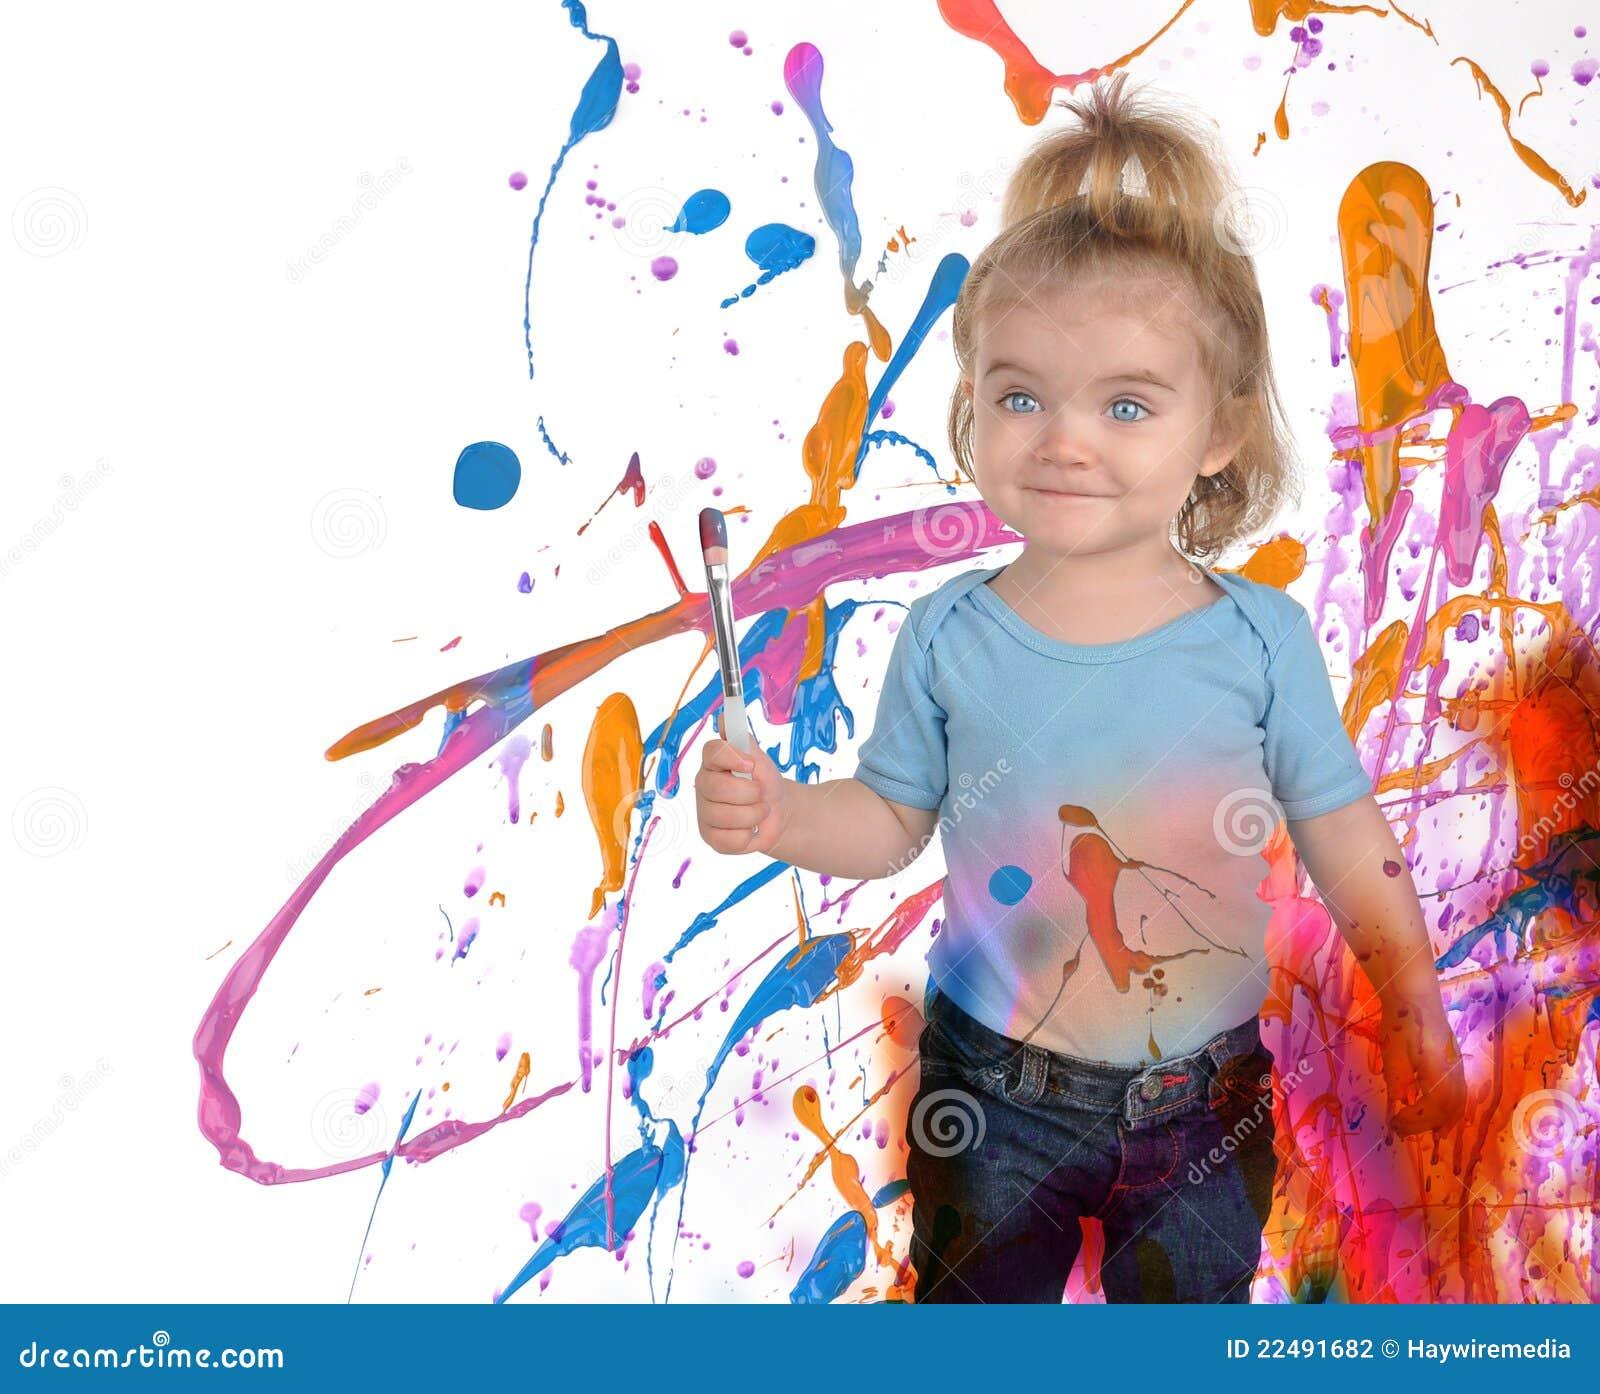 peinture heureuse d 39 enfant d 39 art sur le blanc photo stock image 22491682. Black Bedroom Furniture Sets. Home Design Ideas